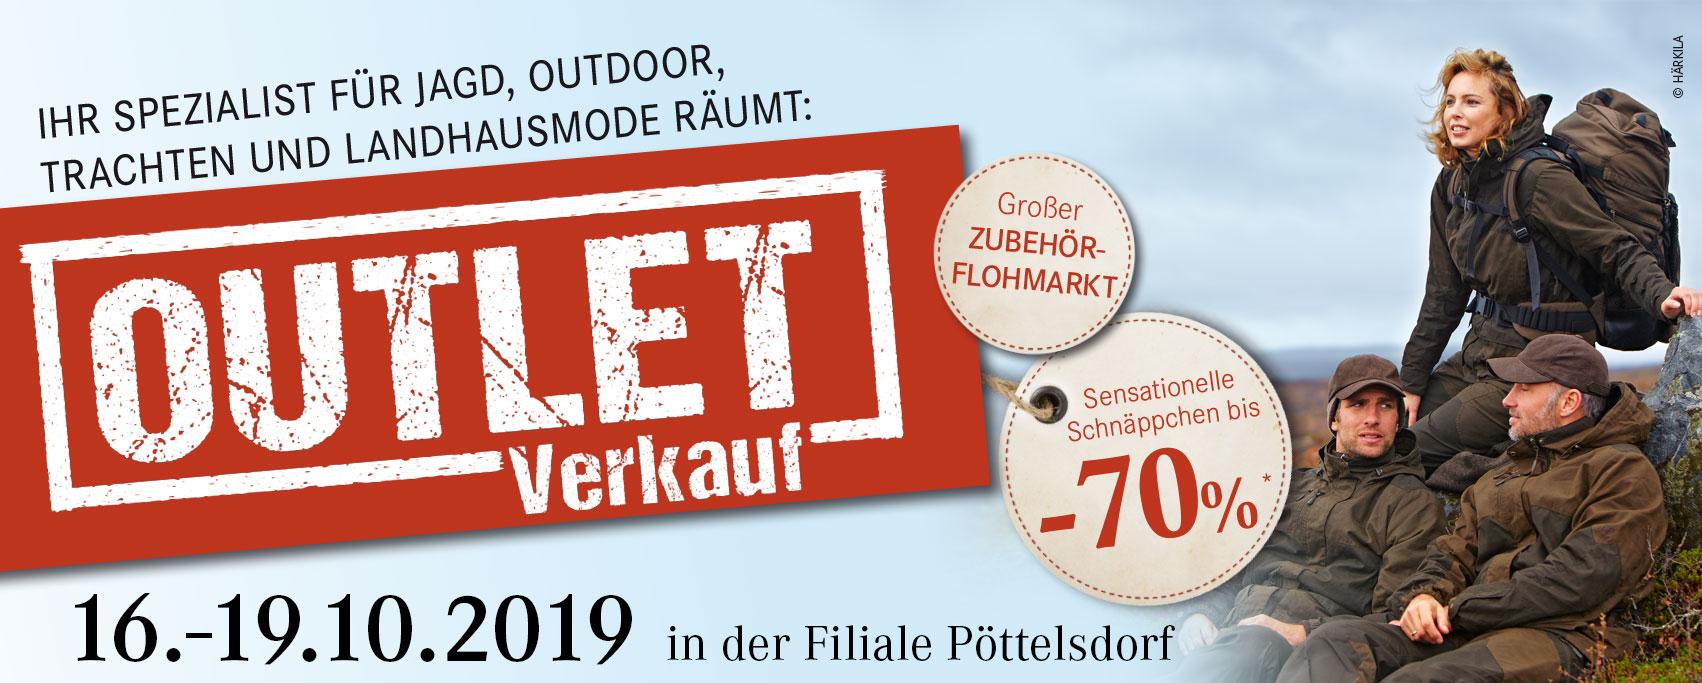 Outlet Pöttelsdorf